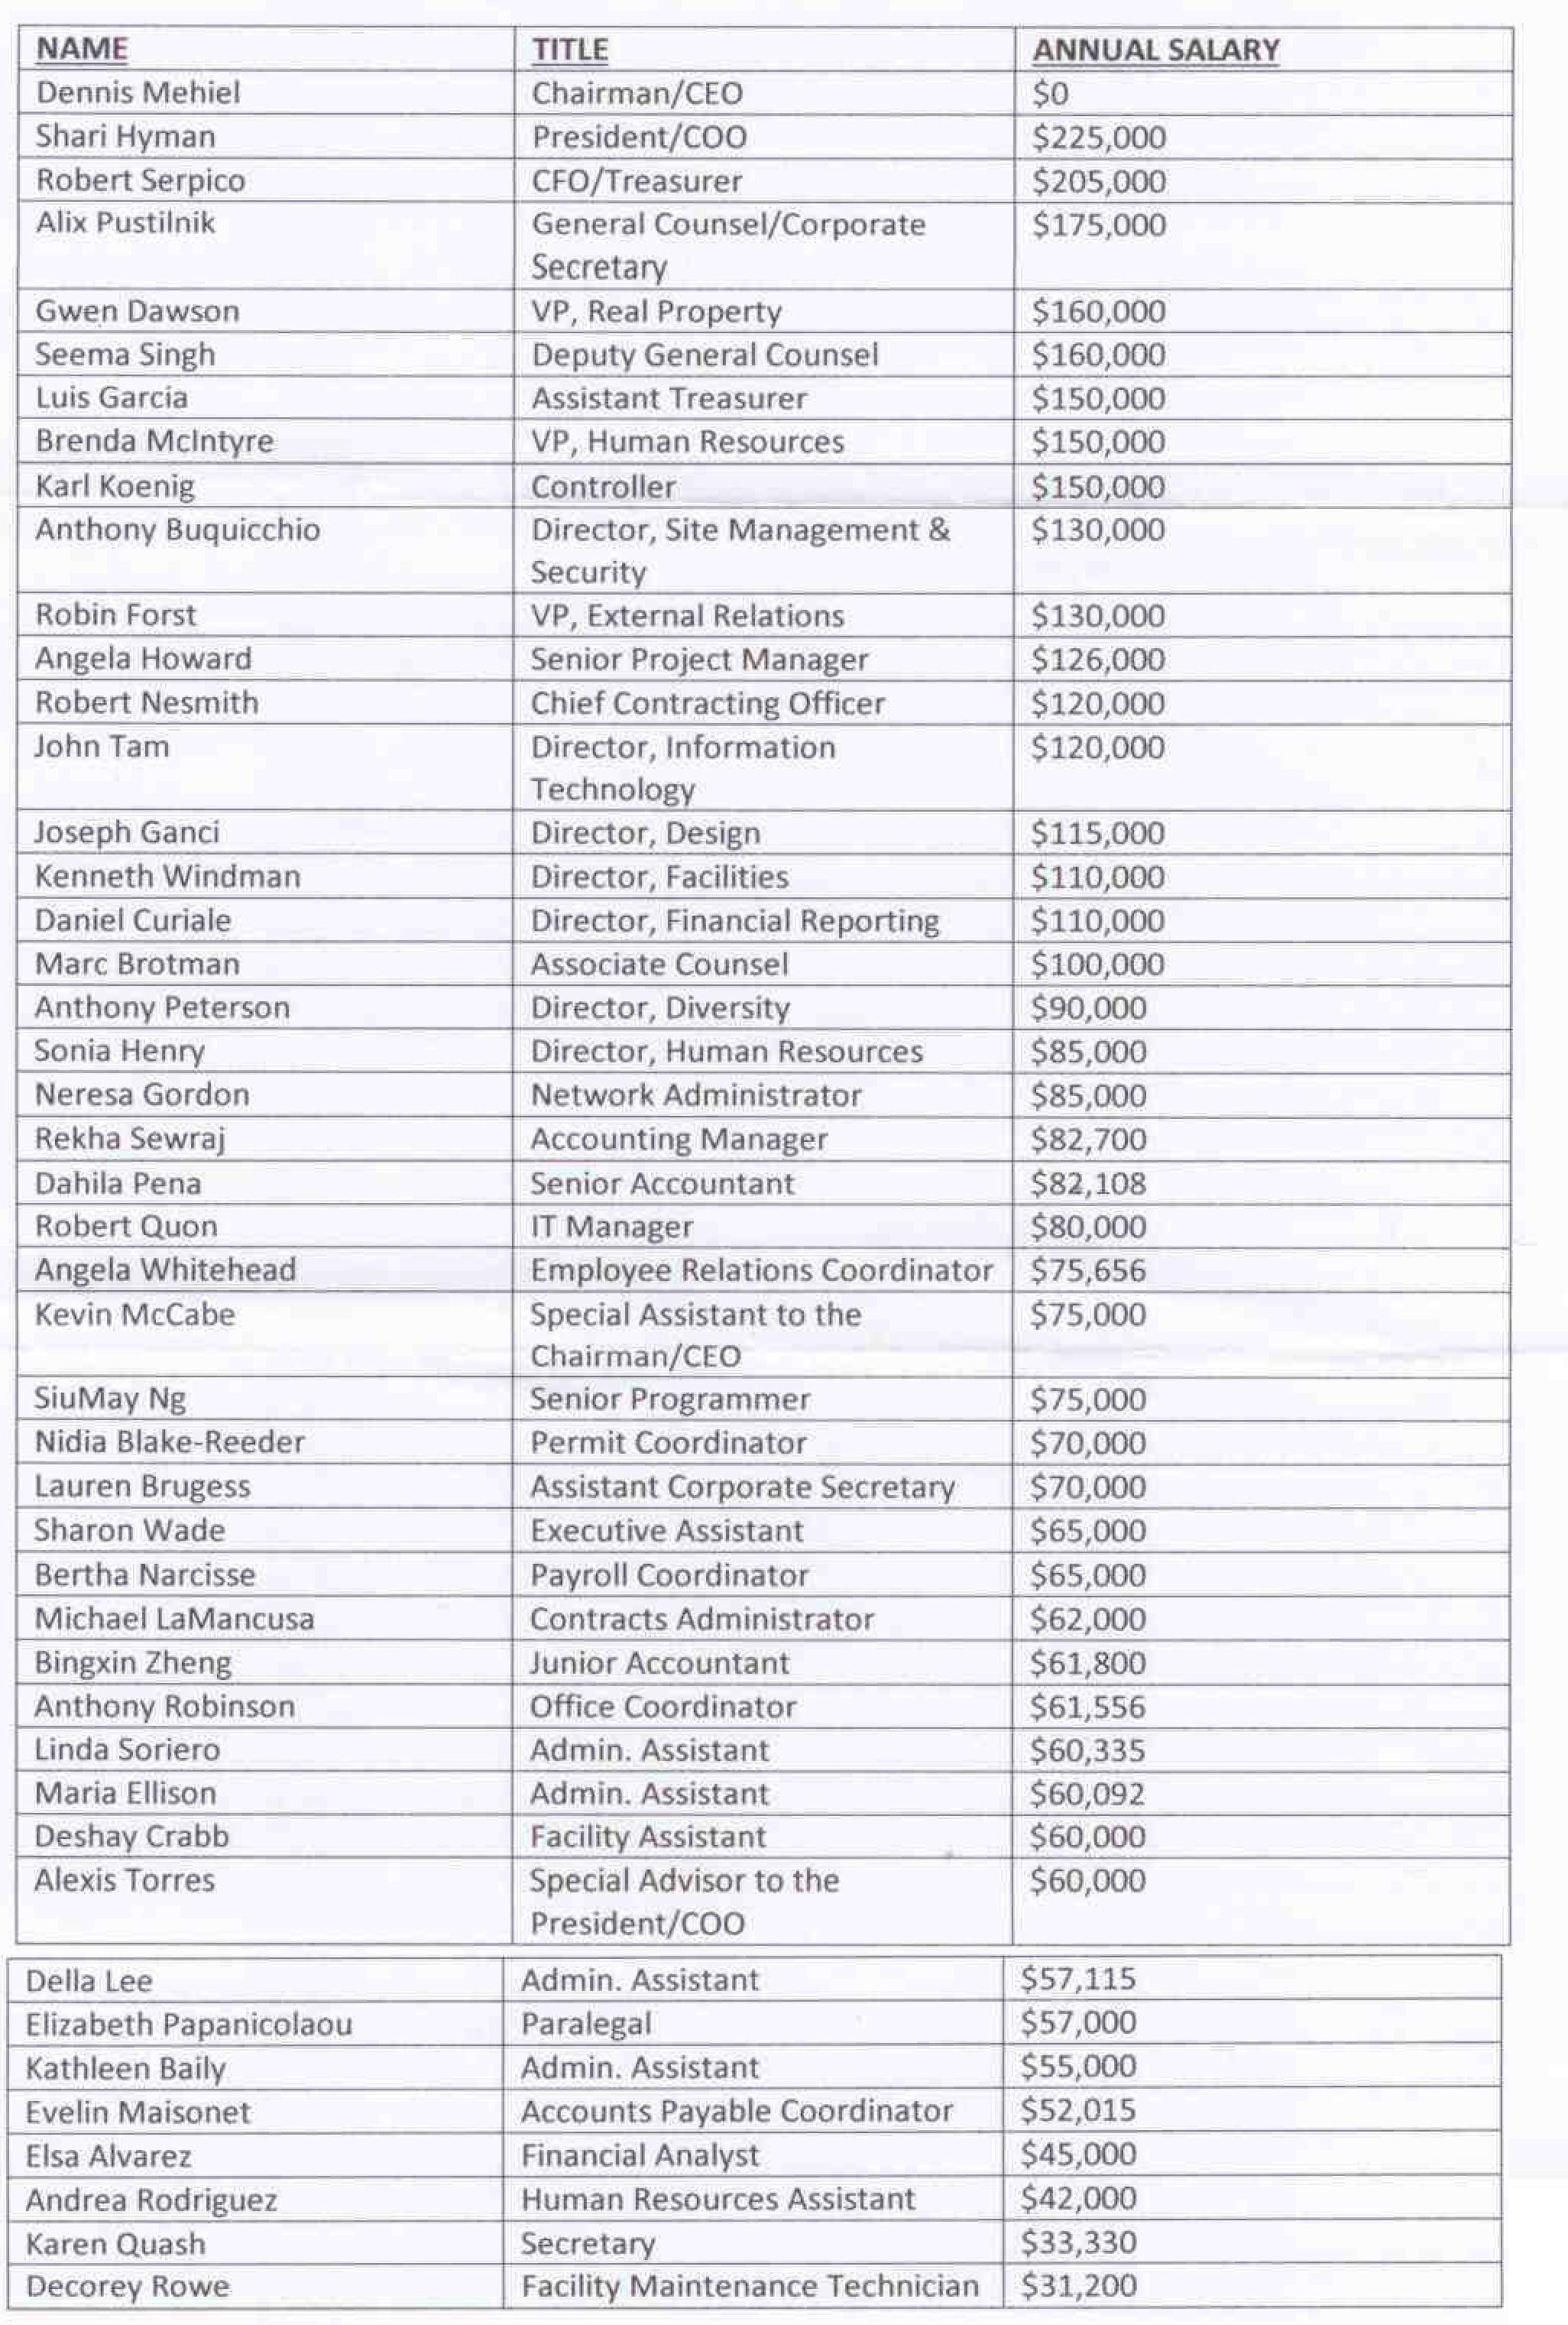 2014 salaries